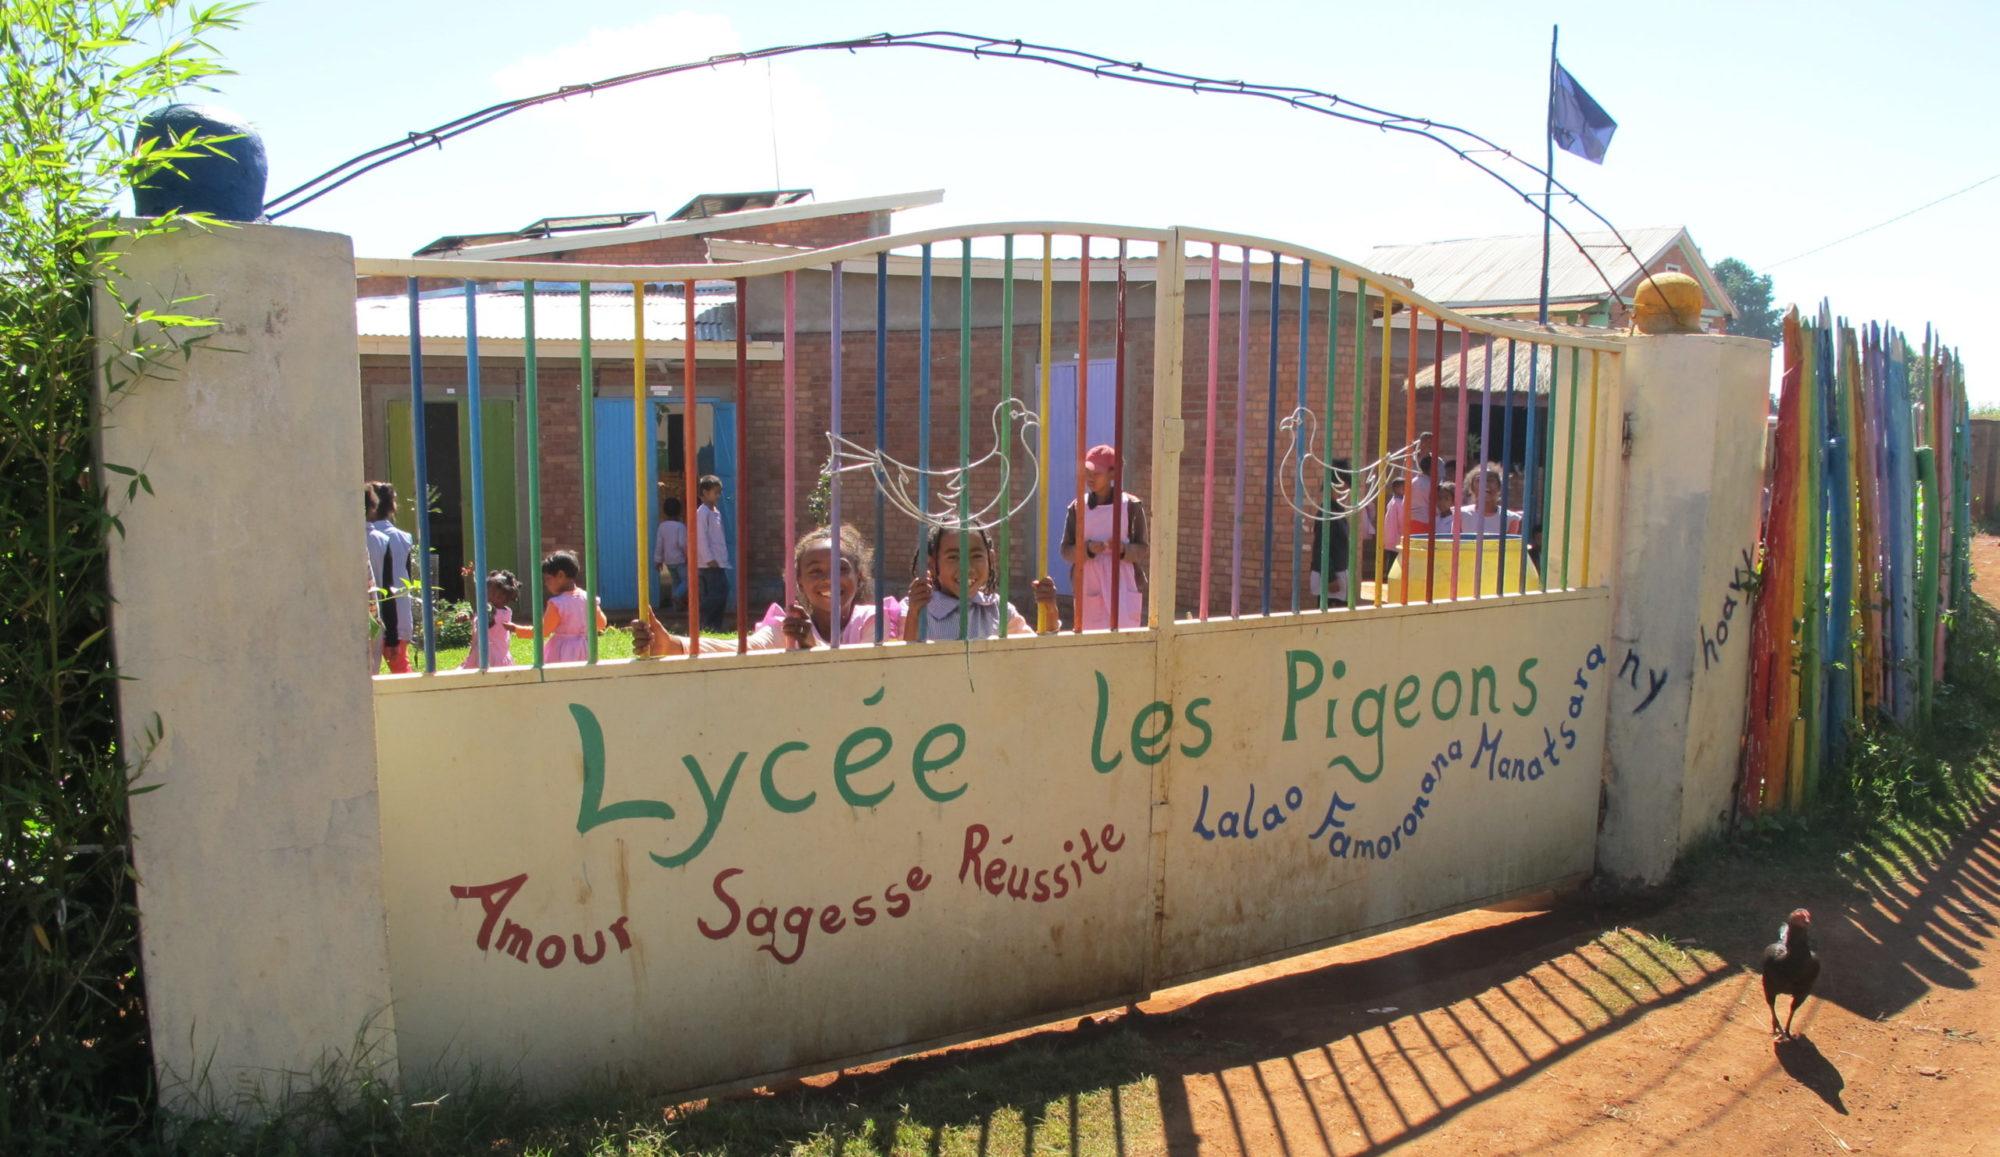 Lycée les Pigeons